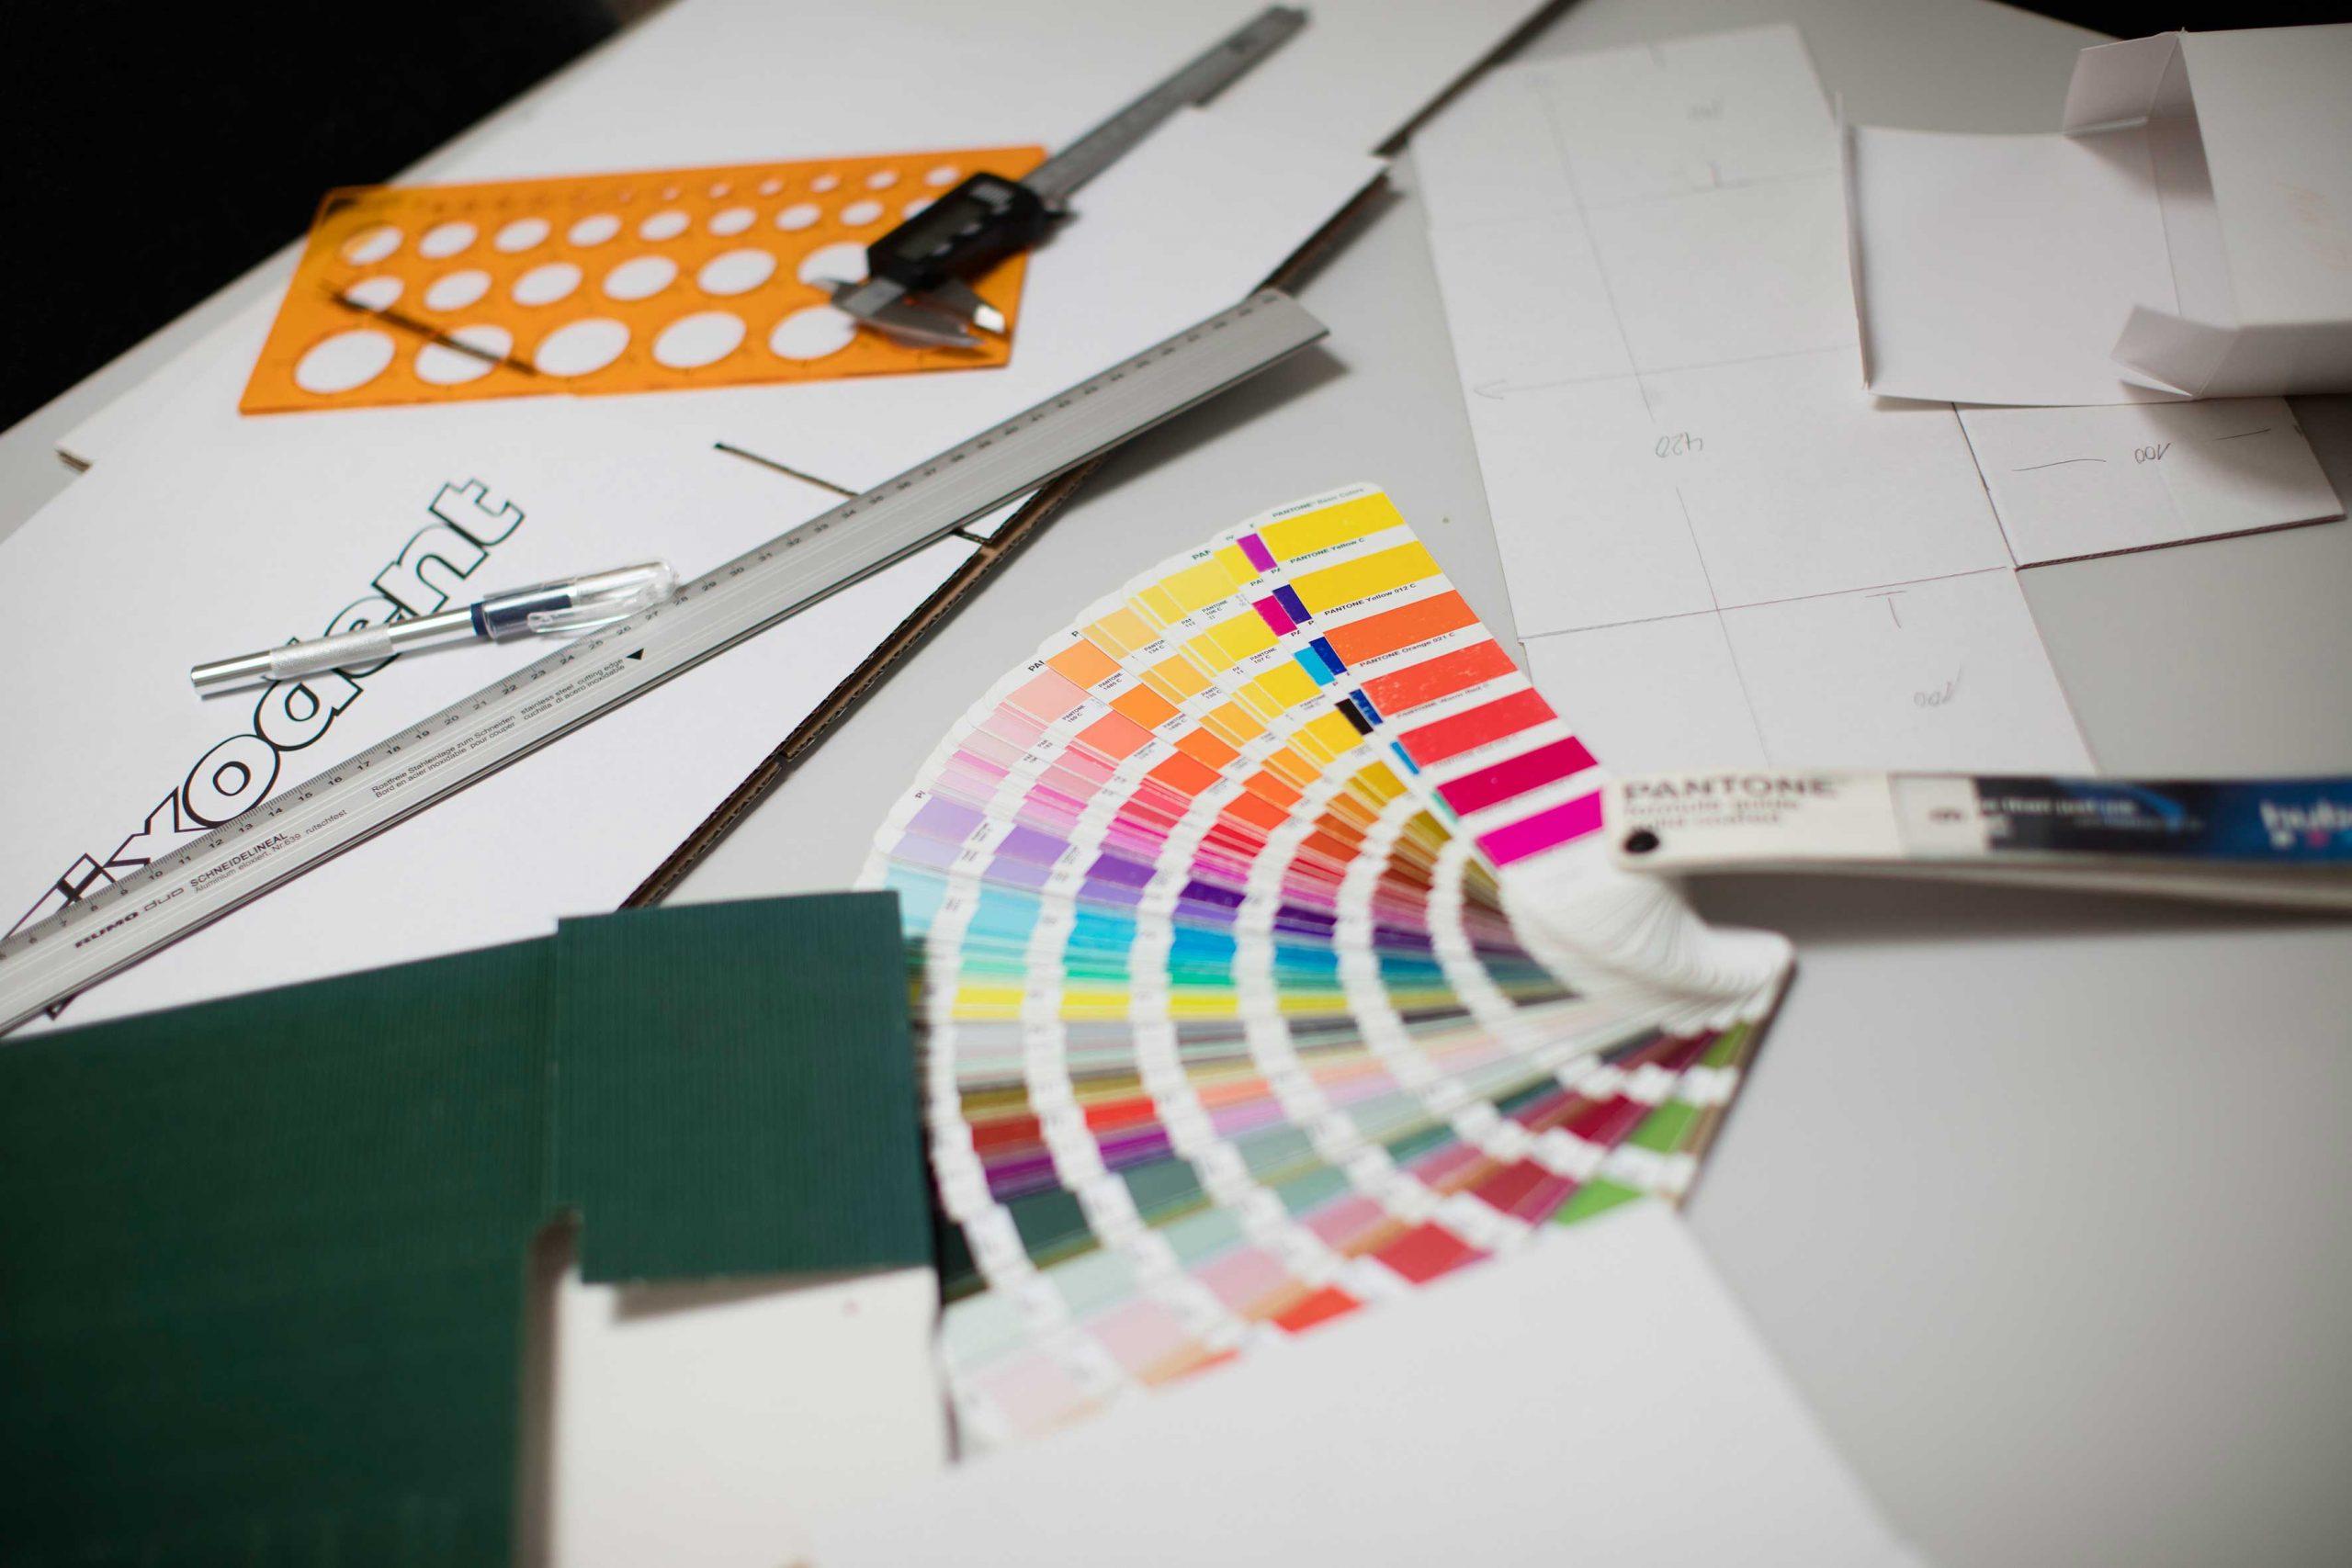 Farbfächer und Zeichenwerkzeuge